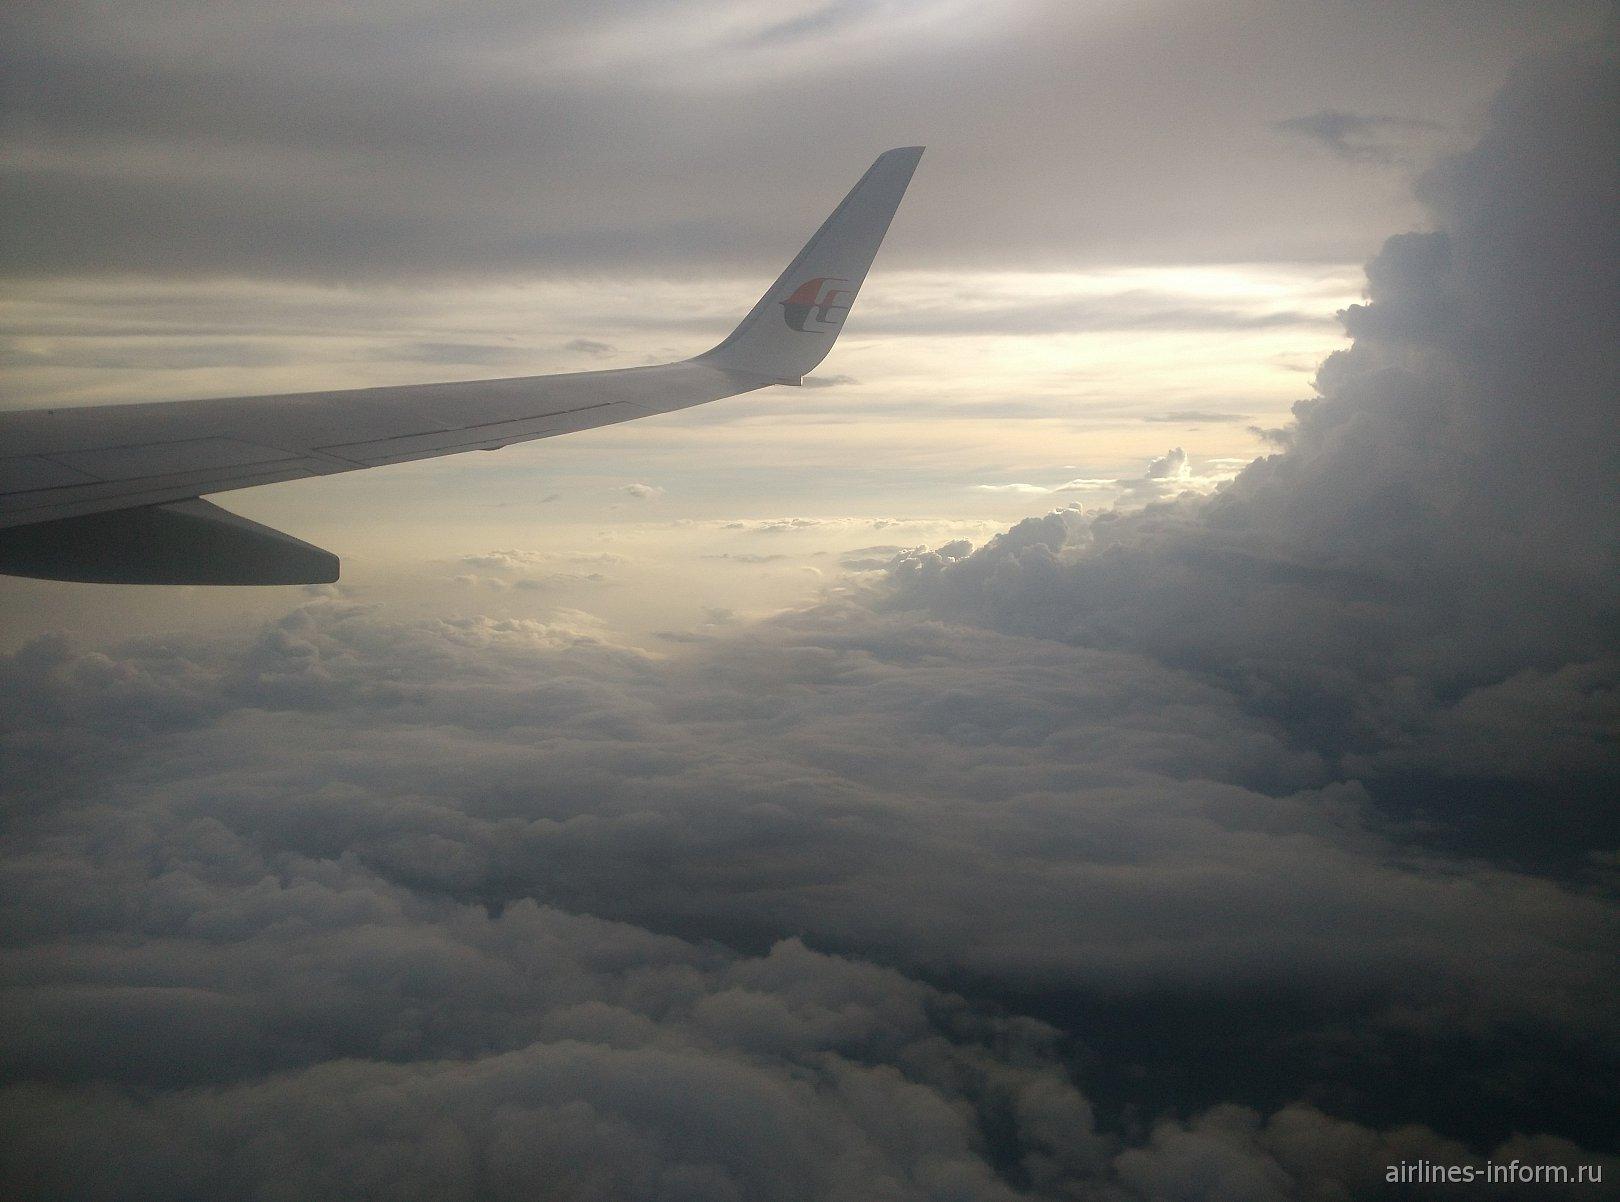 Турне по Юго-Восточной Азии. Часть 3-я. Рейсом MH-795 Malaysia airlines c Пхукета (HKT) в Куала-Лумпур (KUL)